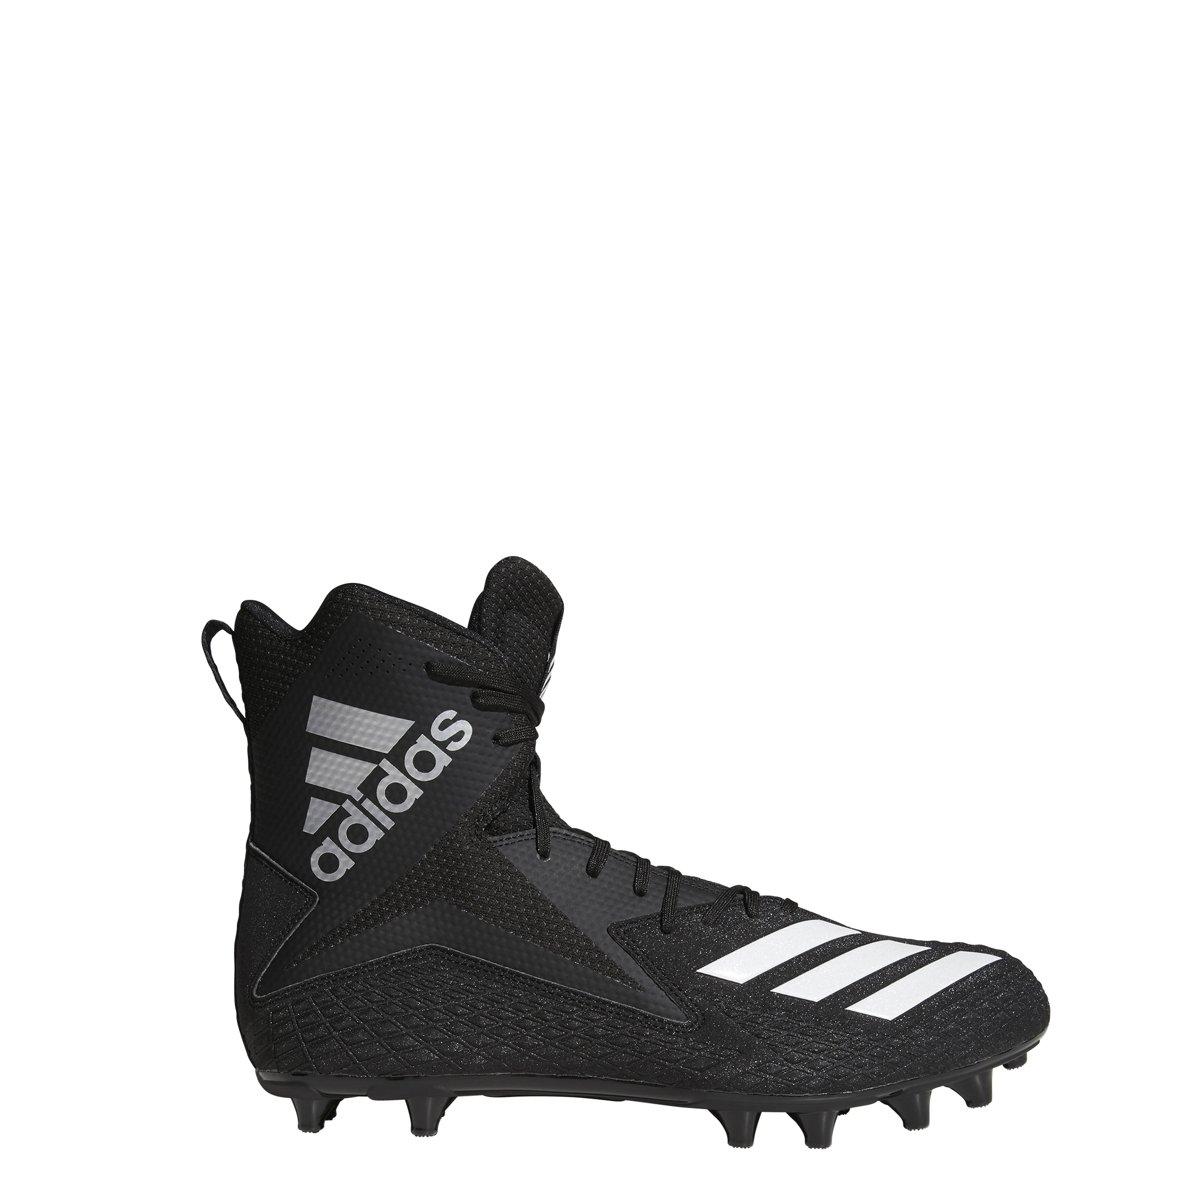 Adidas tacos futbol todo los hombres monstruo alto b07bhl2y2g 17 D (m)